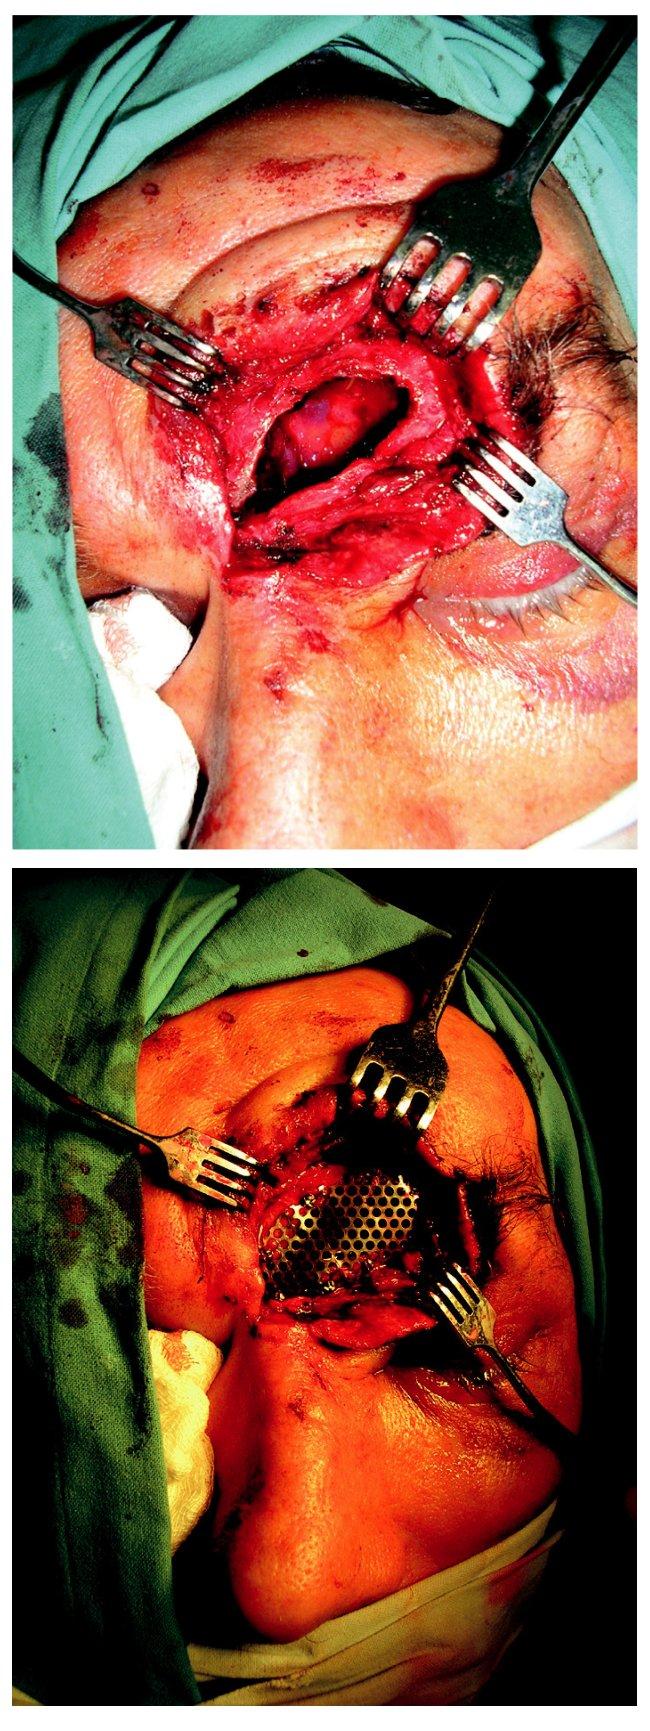 a) Pacient zo sledovaného súboru so stratovým poranením vo frontálnej oblasti. Chirurgický prístup v oblasti tržnej rany. b) Pacient zo sledovaného súboru po rekonštrukcii stratového poranenia vo frontálnej oblasti titánovou mriežkou. Chirurgický prístup v oblasti tržnej rany.